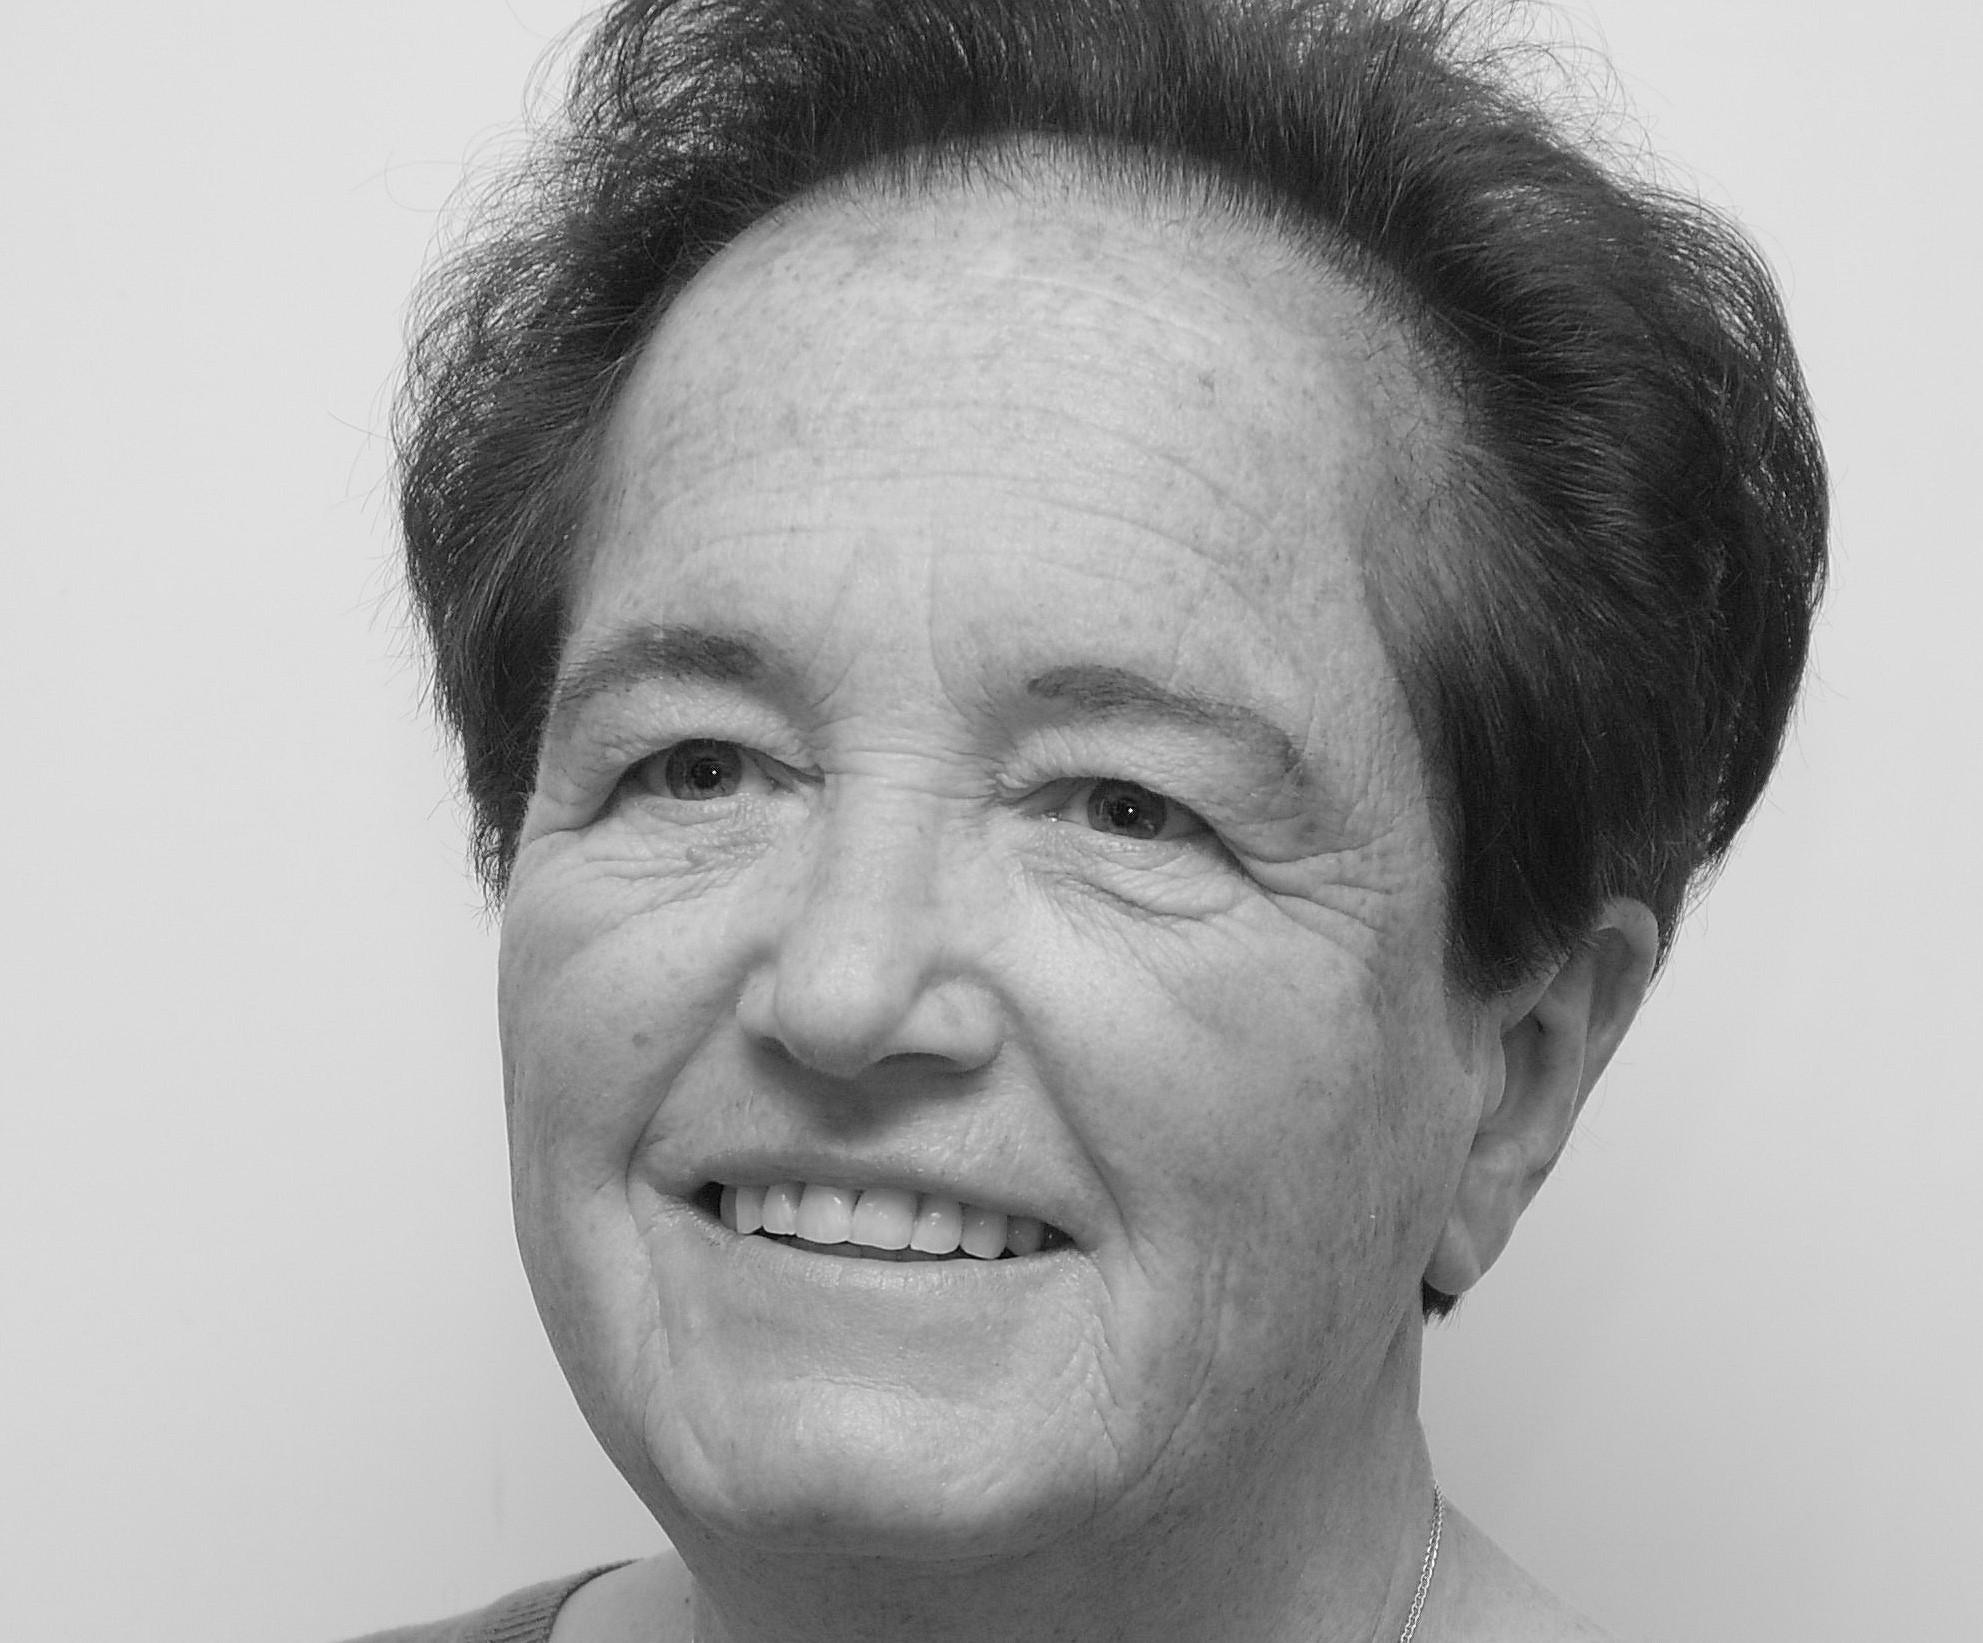 Margreth Runggaldier-Mahlknecht